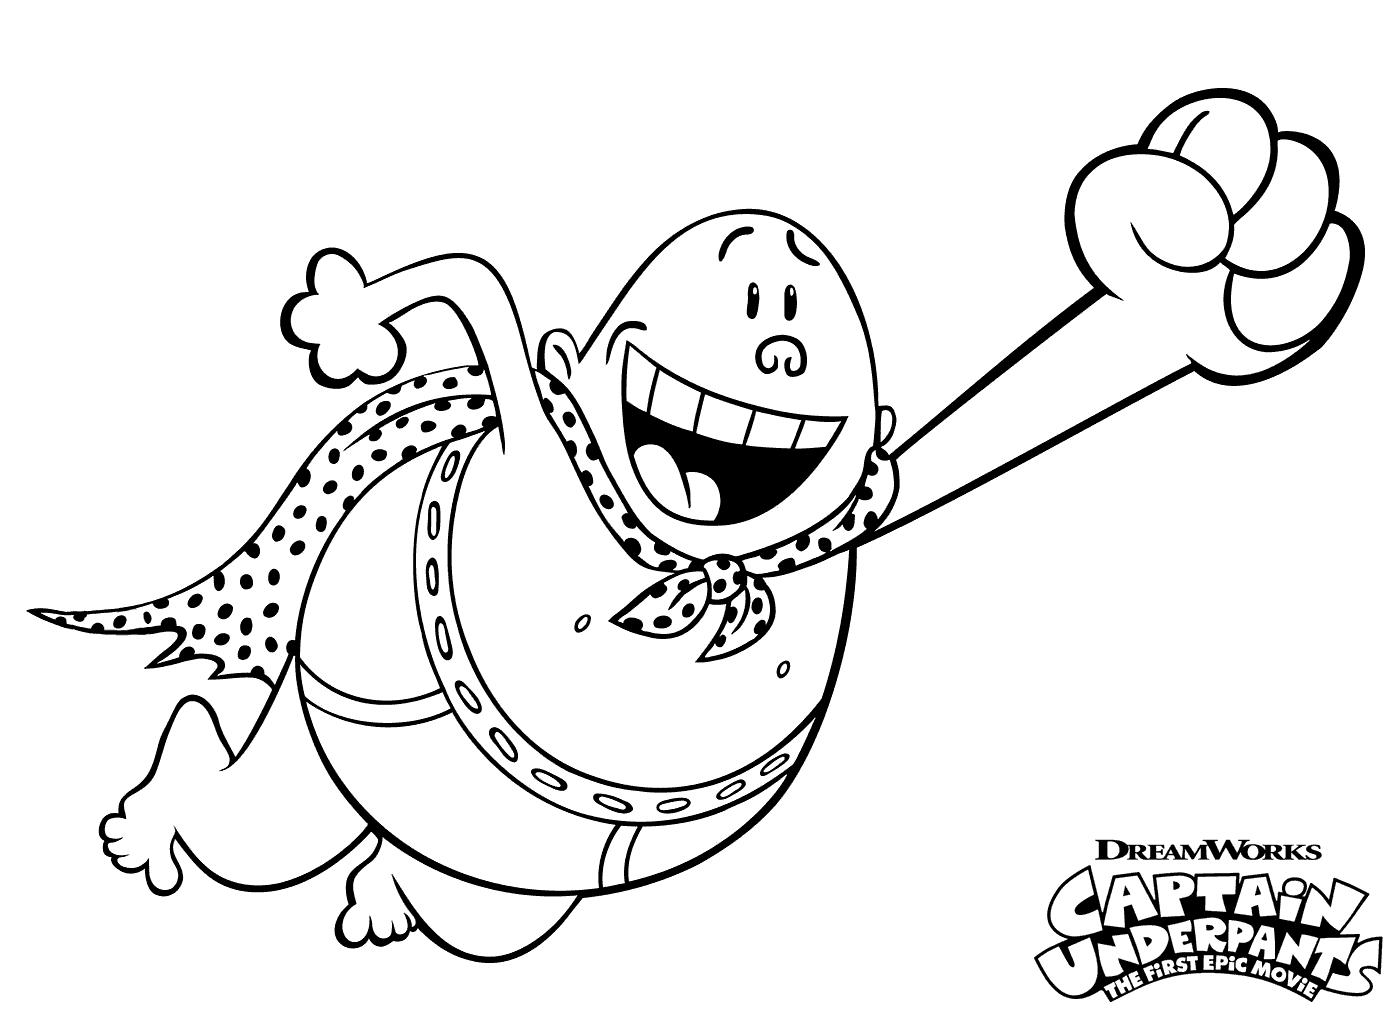 Capt Underpants Coloring Pages Captain Underpants Superhero Coloring Pages Cartoon Coloring Pages